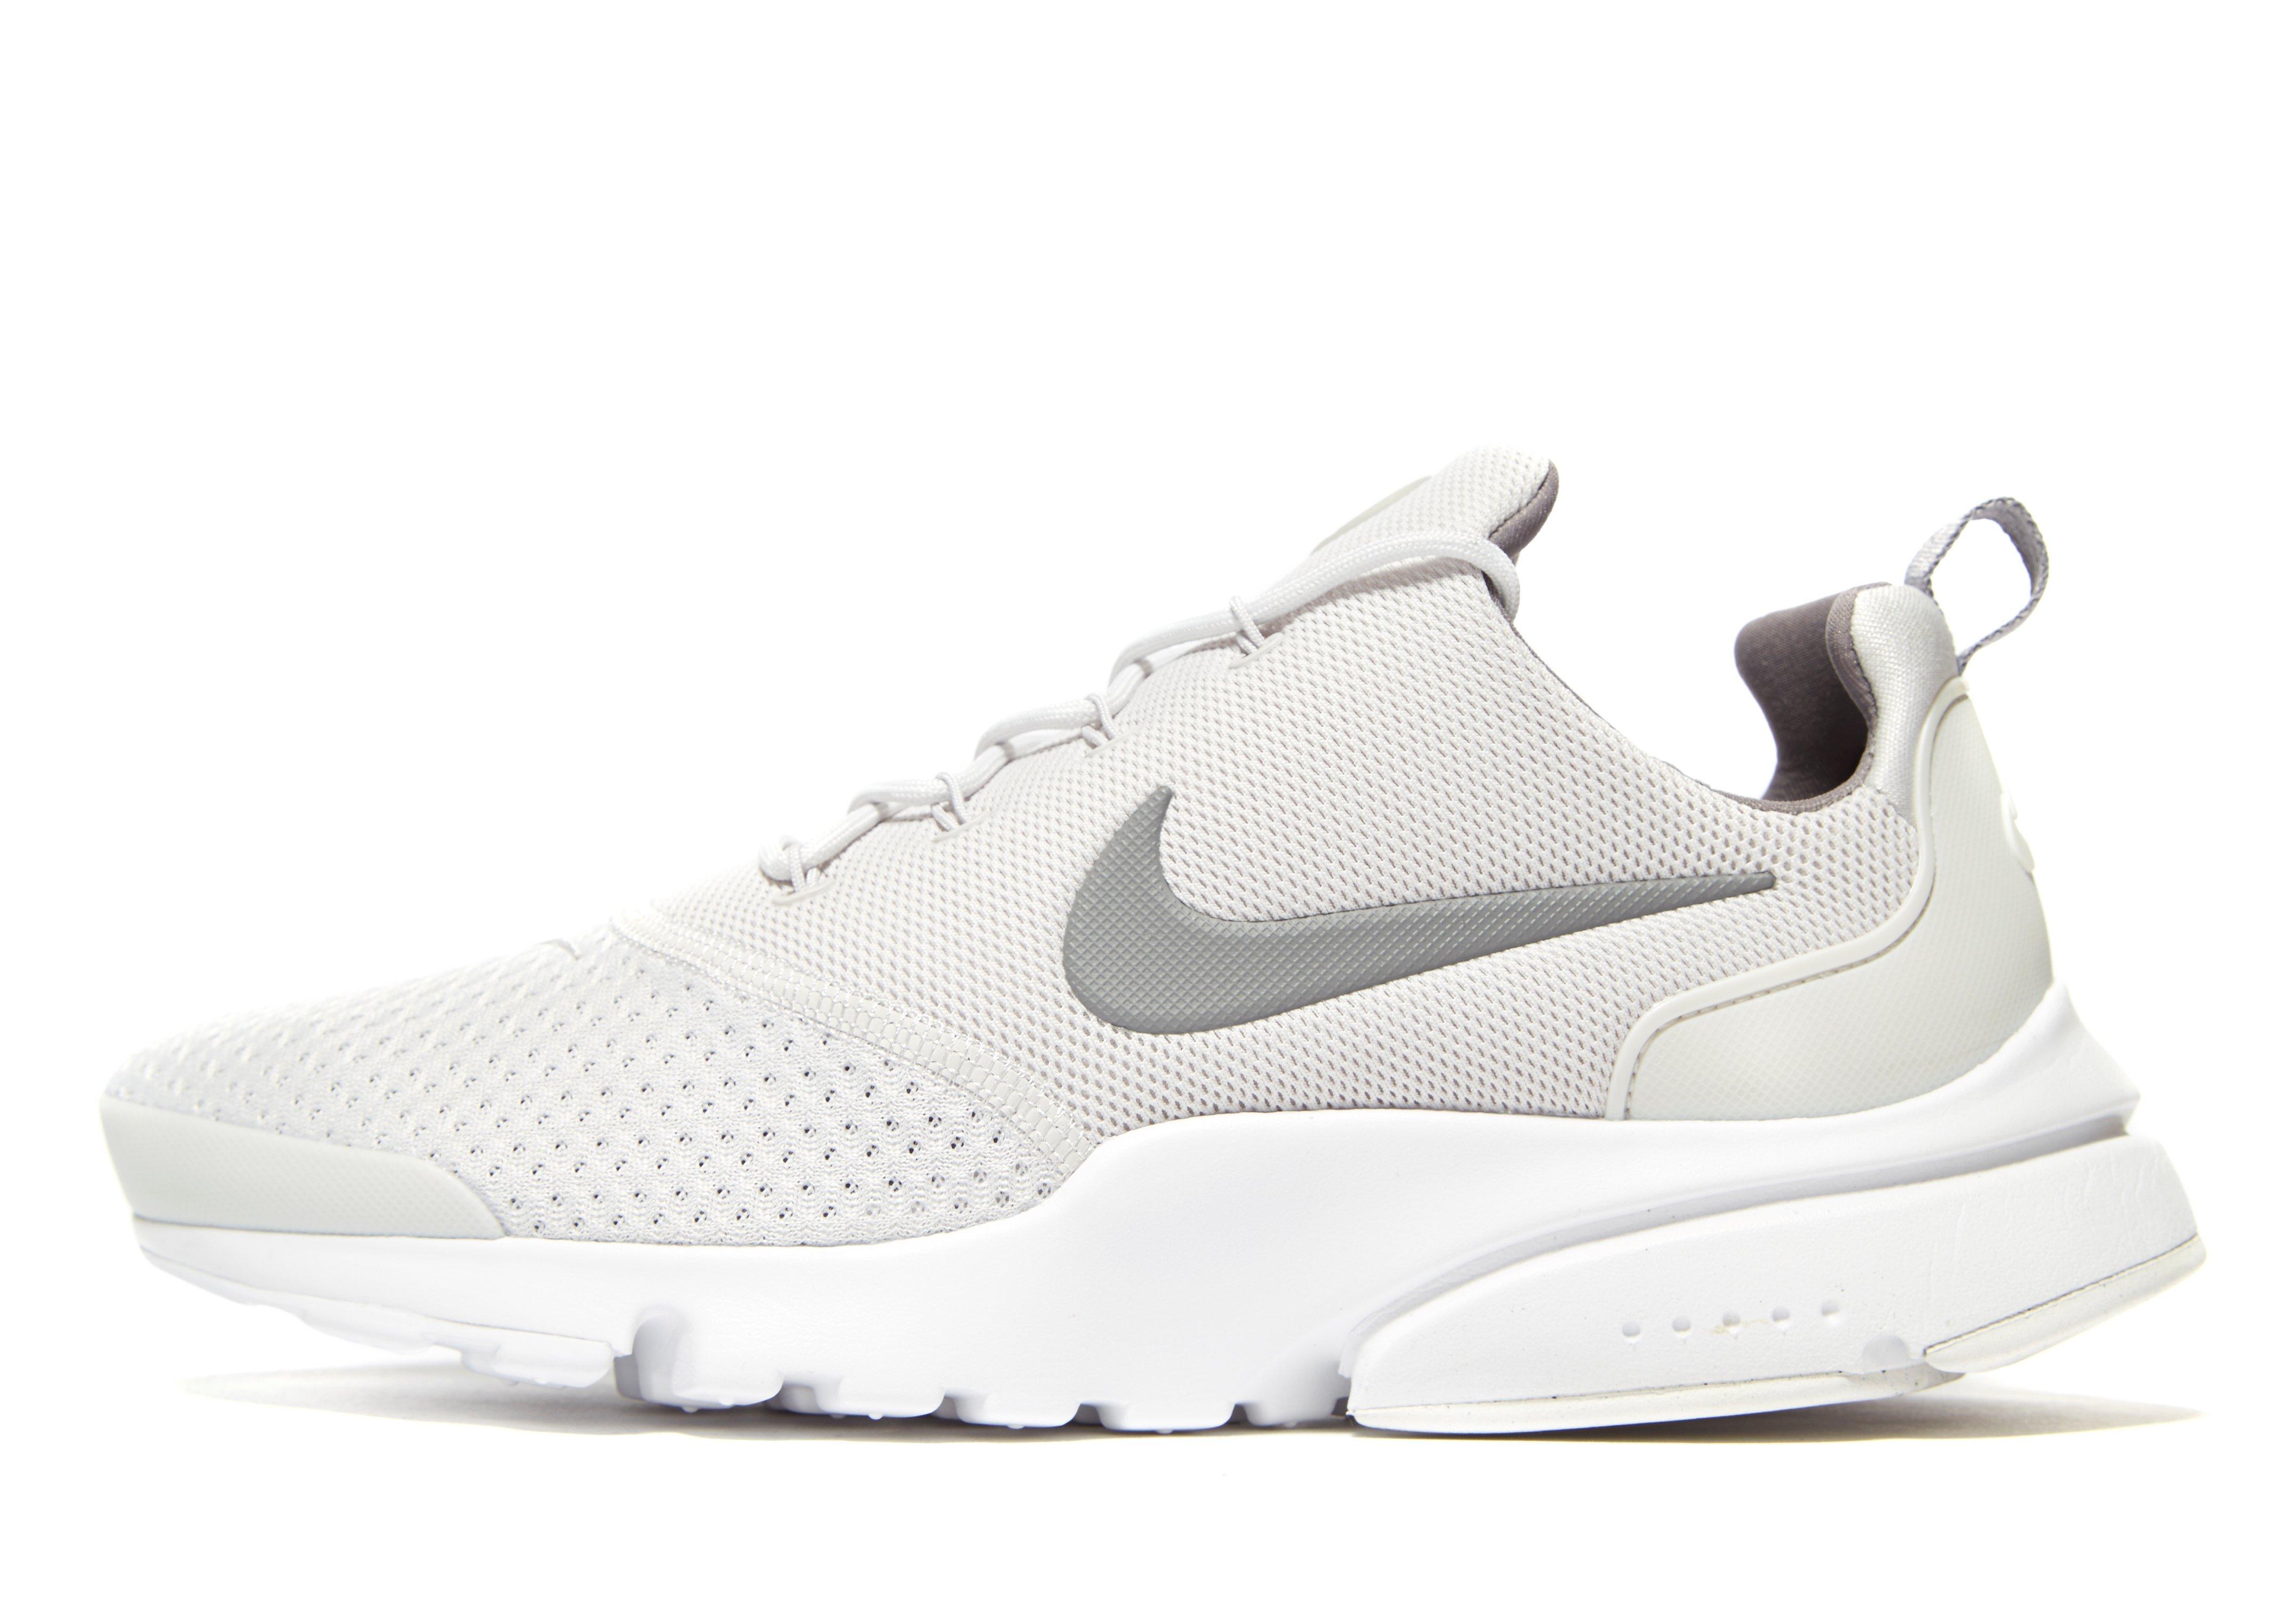 Nike Air Presto Fly SE \u20ac107. Quick Buy